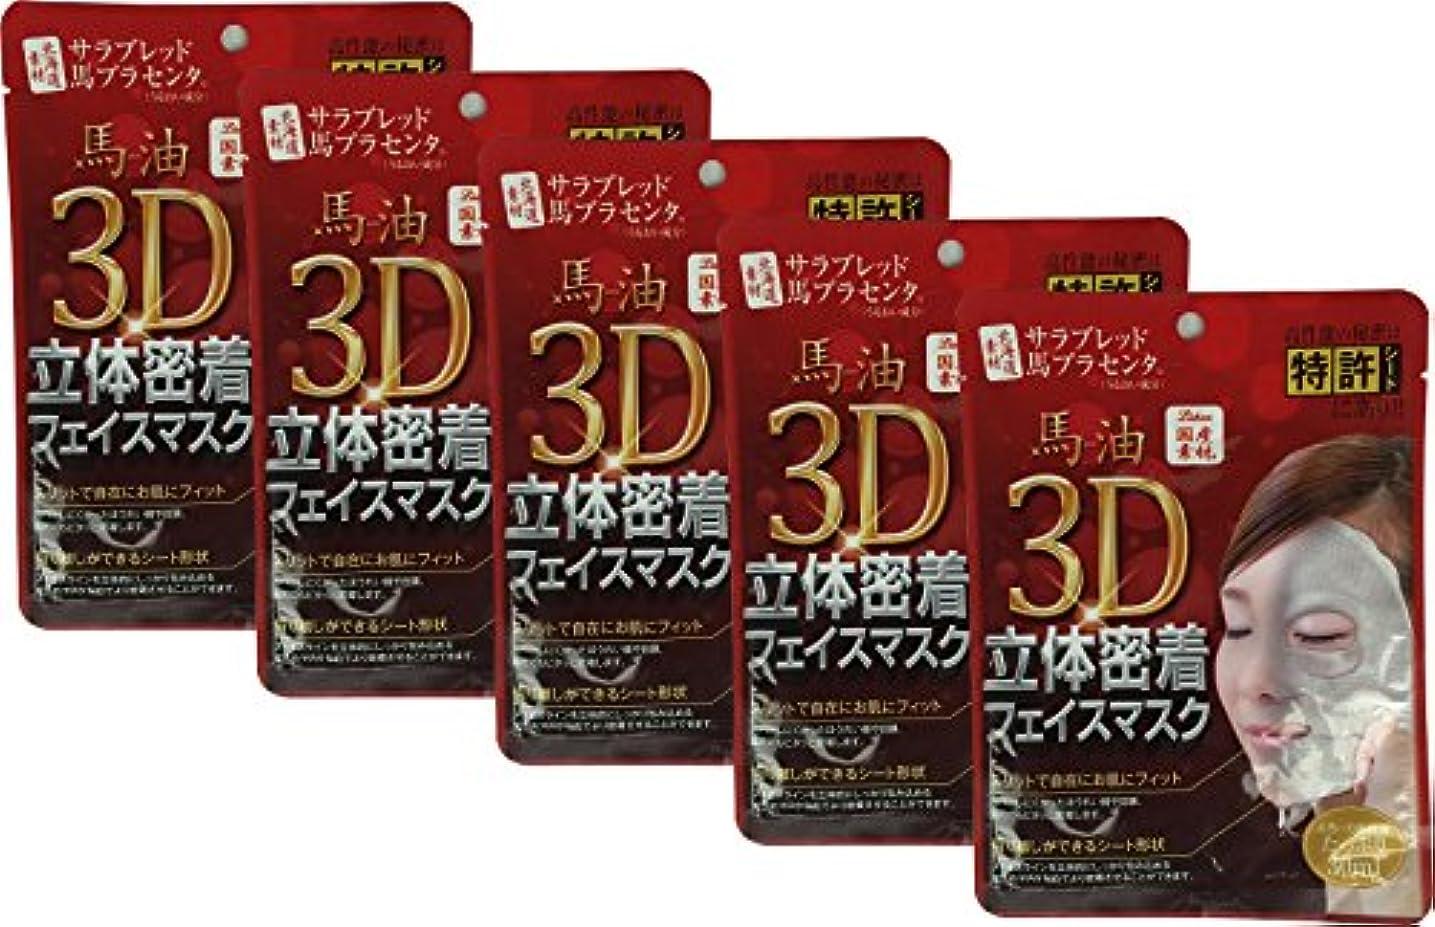 不屈観光に行く残り物リシャン 馬油3D立体密着フェイスマスク無香料 (美容液30ml×5枚入り)